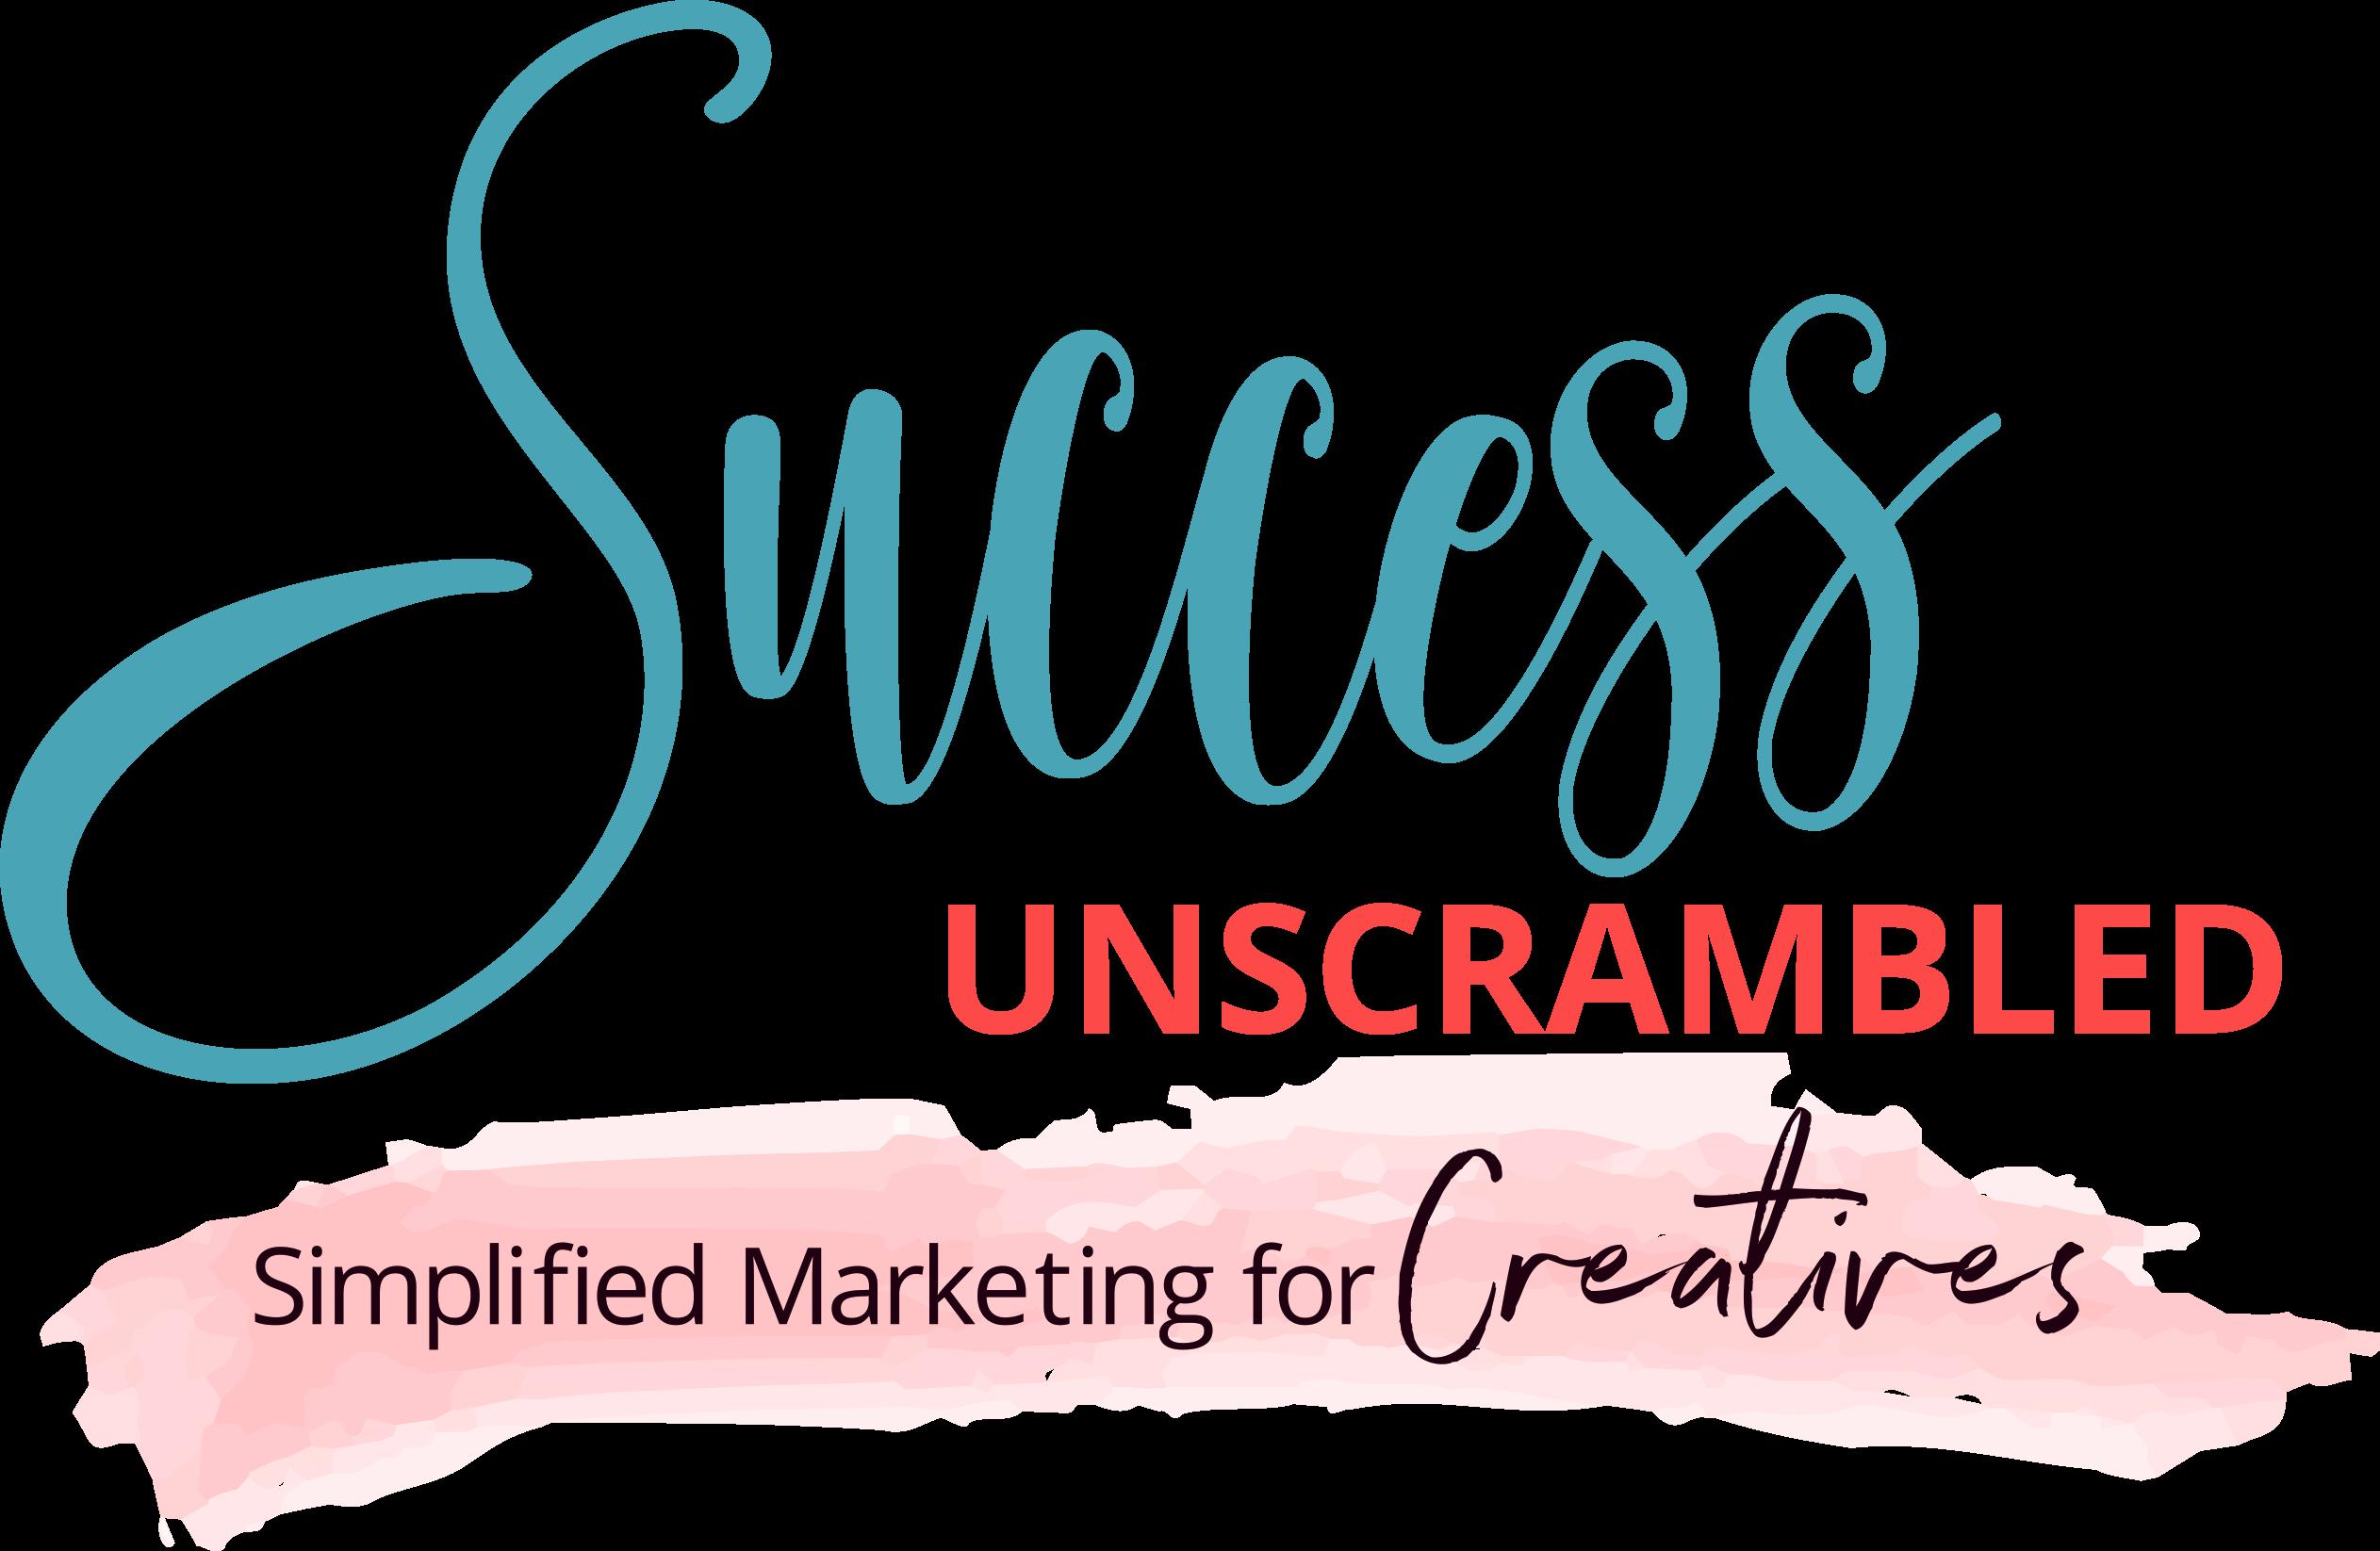 Success Unscrambled